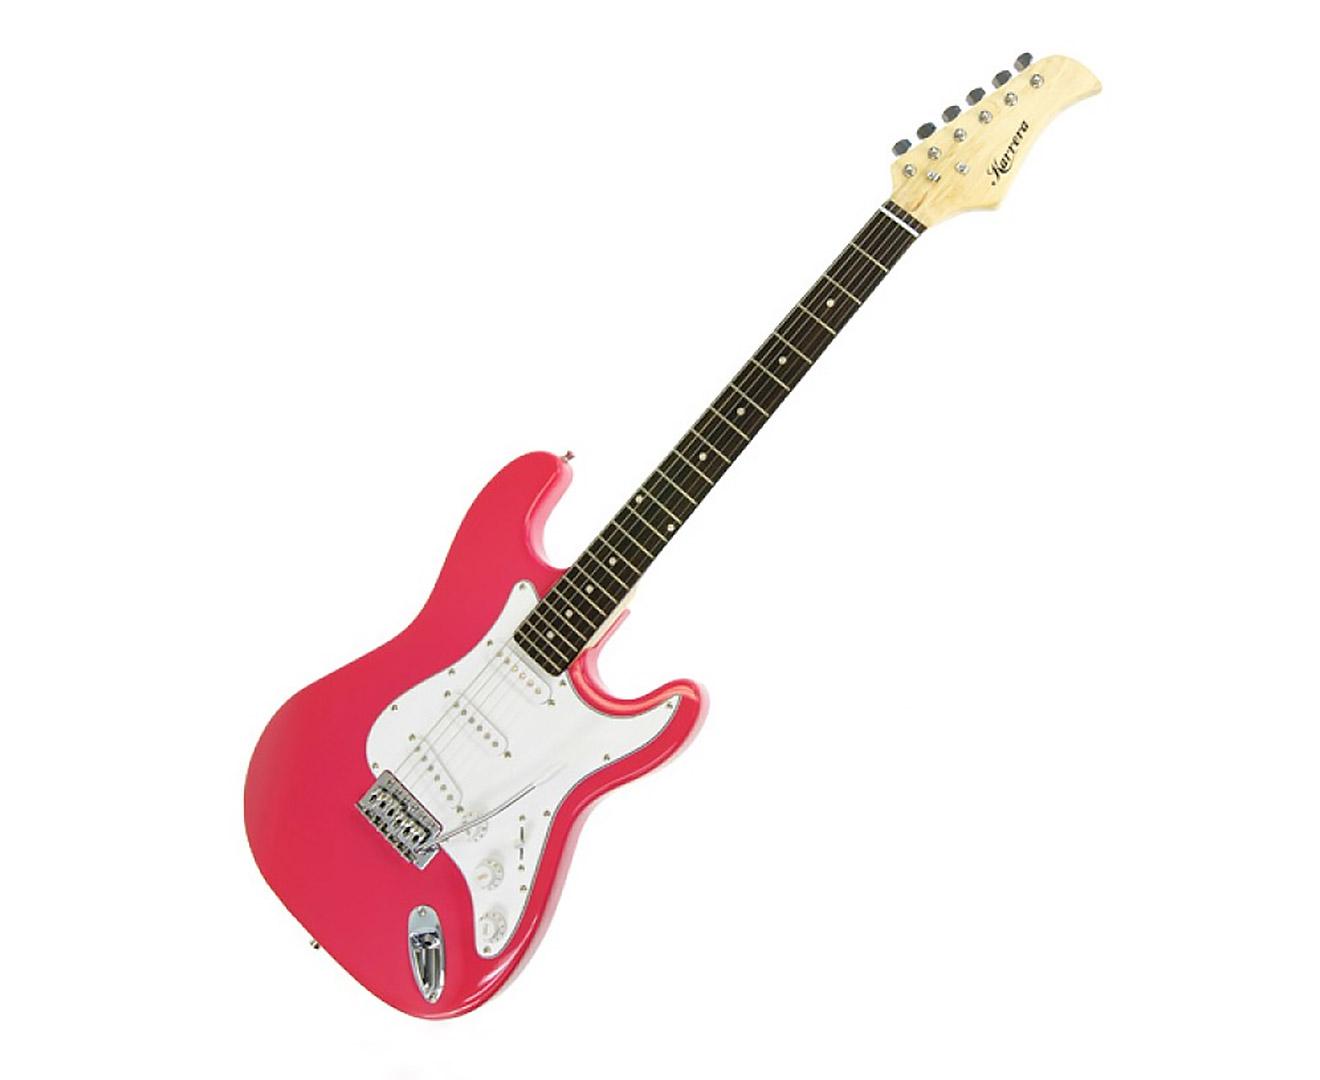 Karrera 39in Electric Guitar  - Pink